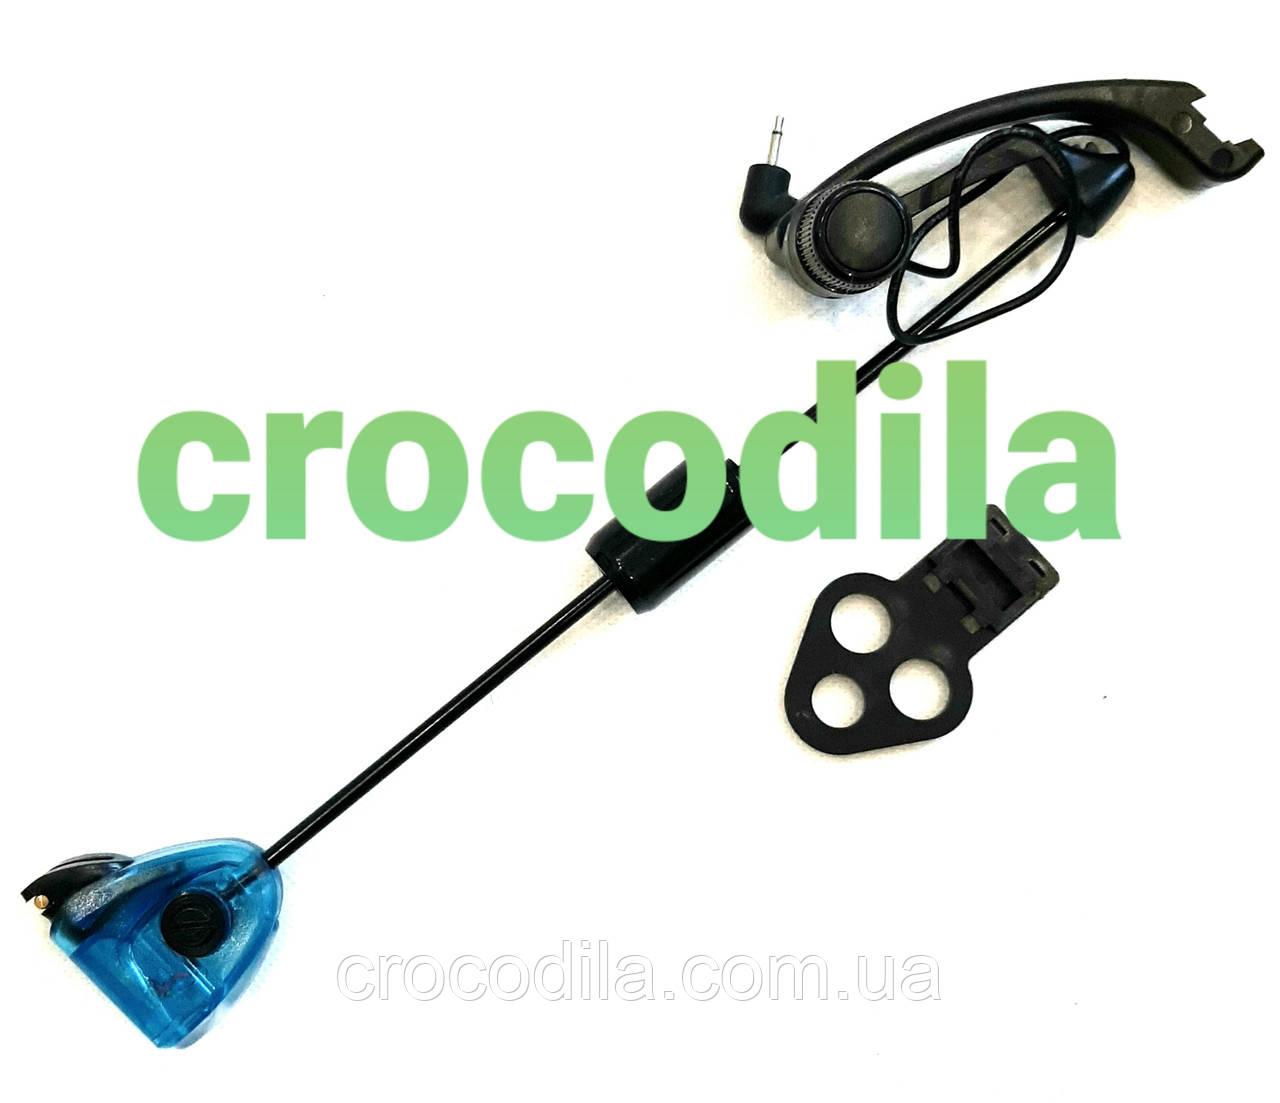 Механический сигнализатор серия Black на жесткой штанге с системой коромысло синий